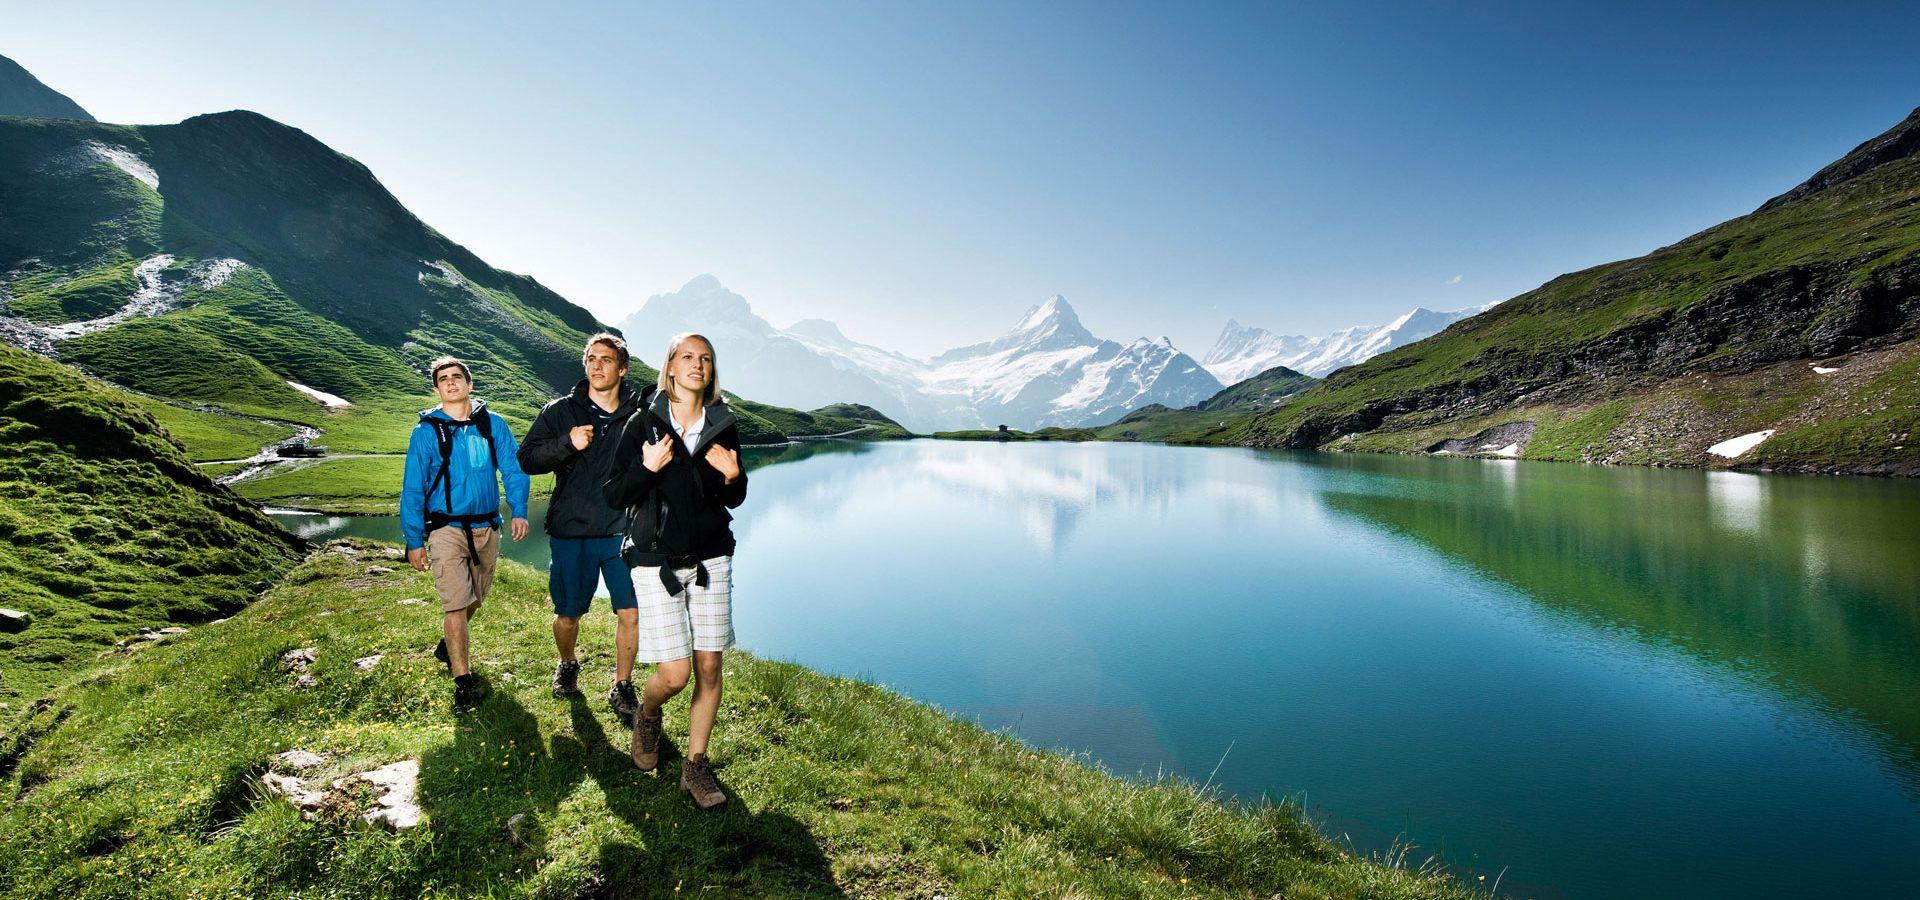 Hotel Lauberhorn Grindelwald